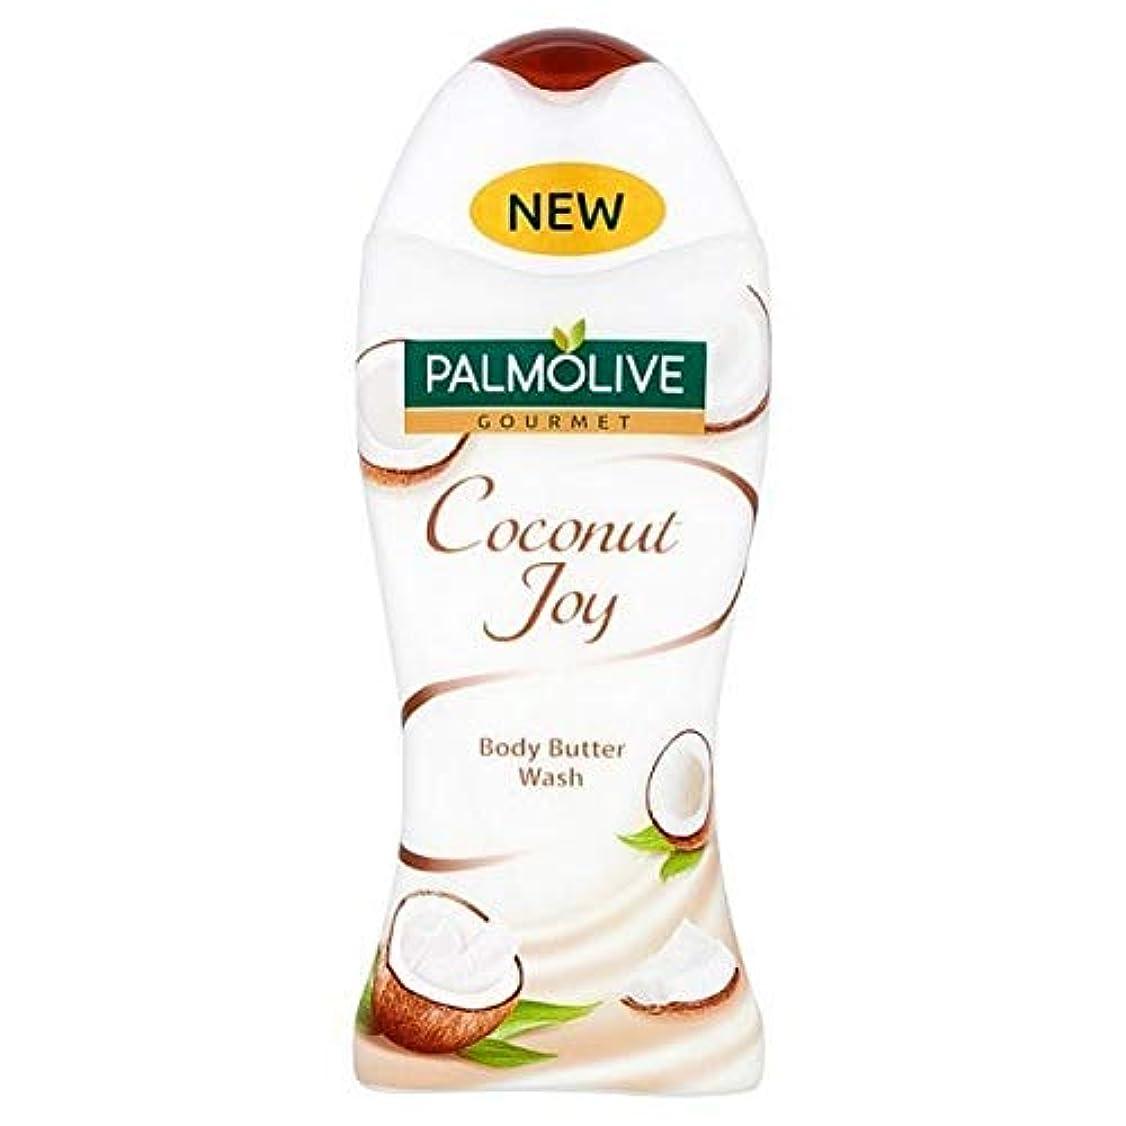 聖人残り物ブレンド[Palmolive ] パルモグルメココナッツシャワージェル250ミリリットル - Palmolive Gourmet Coconut Shower Gel 250ml [並行輸入品]